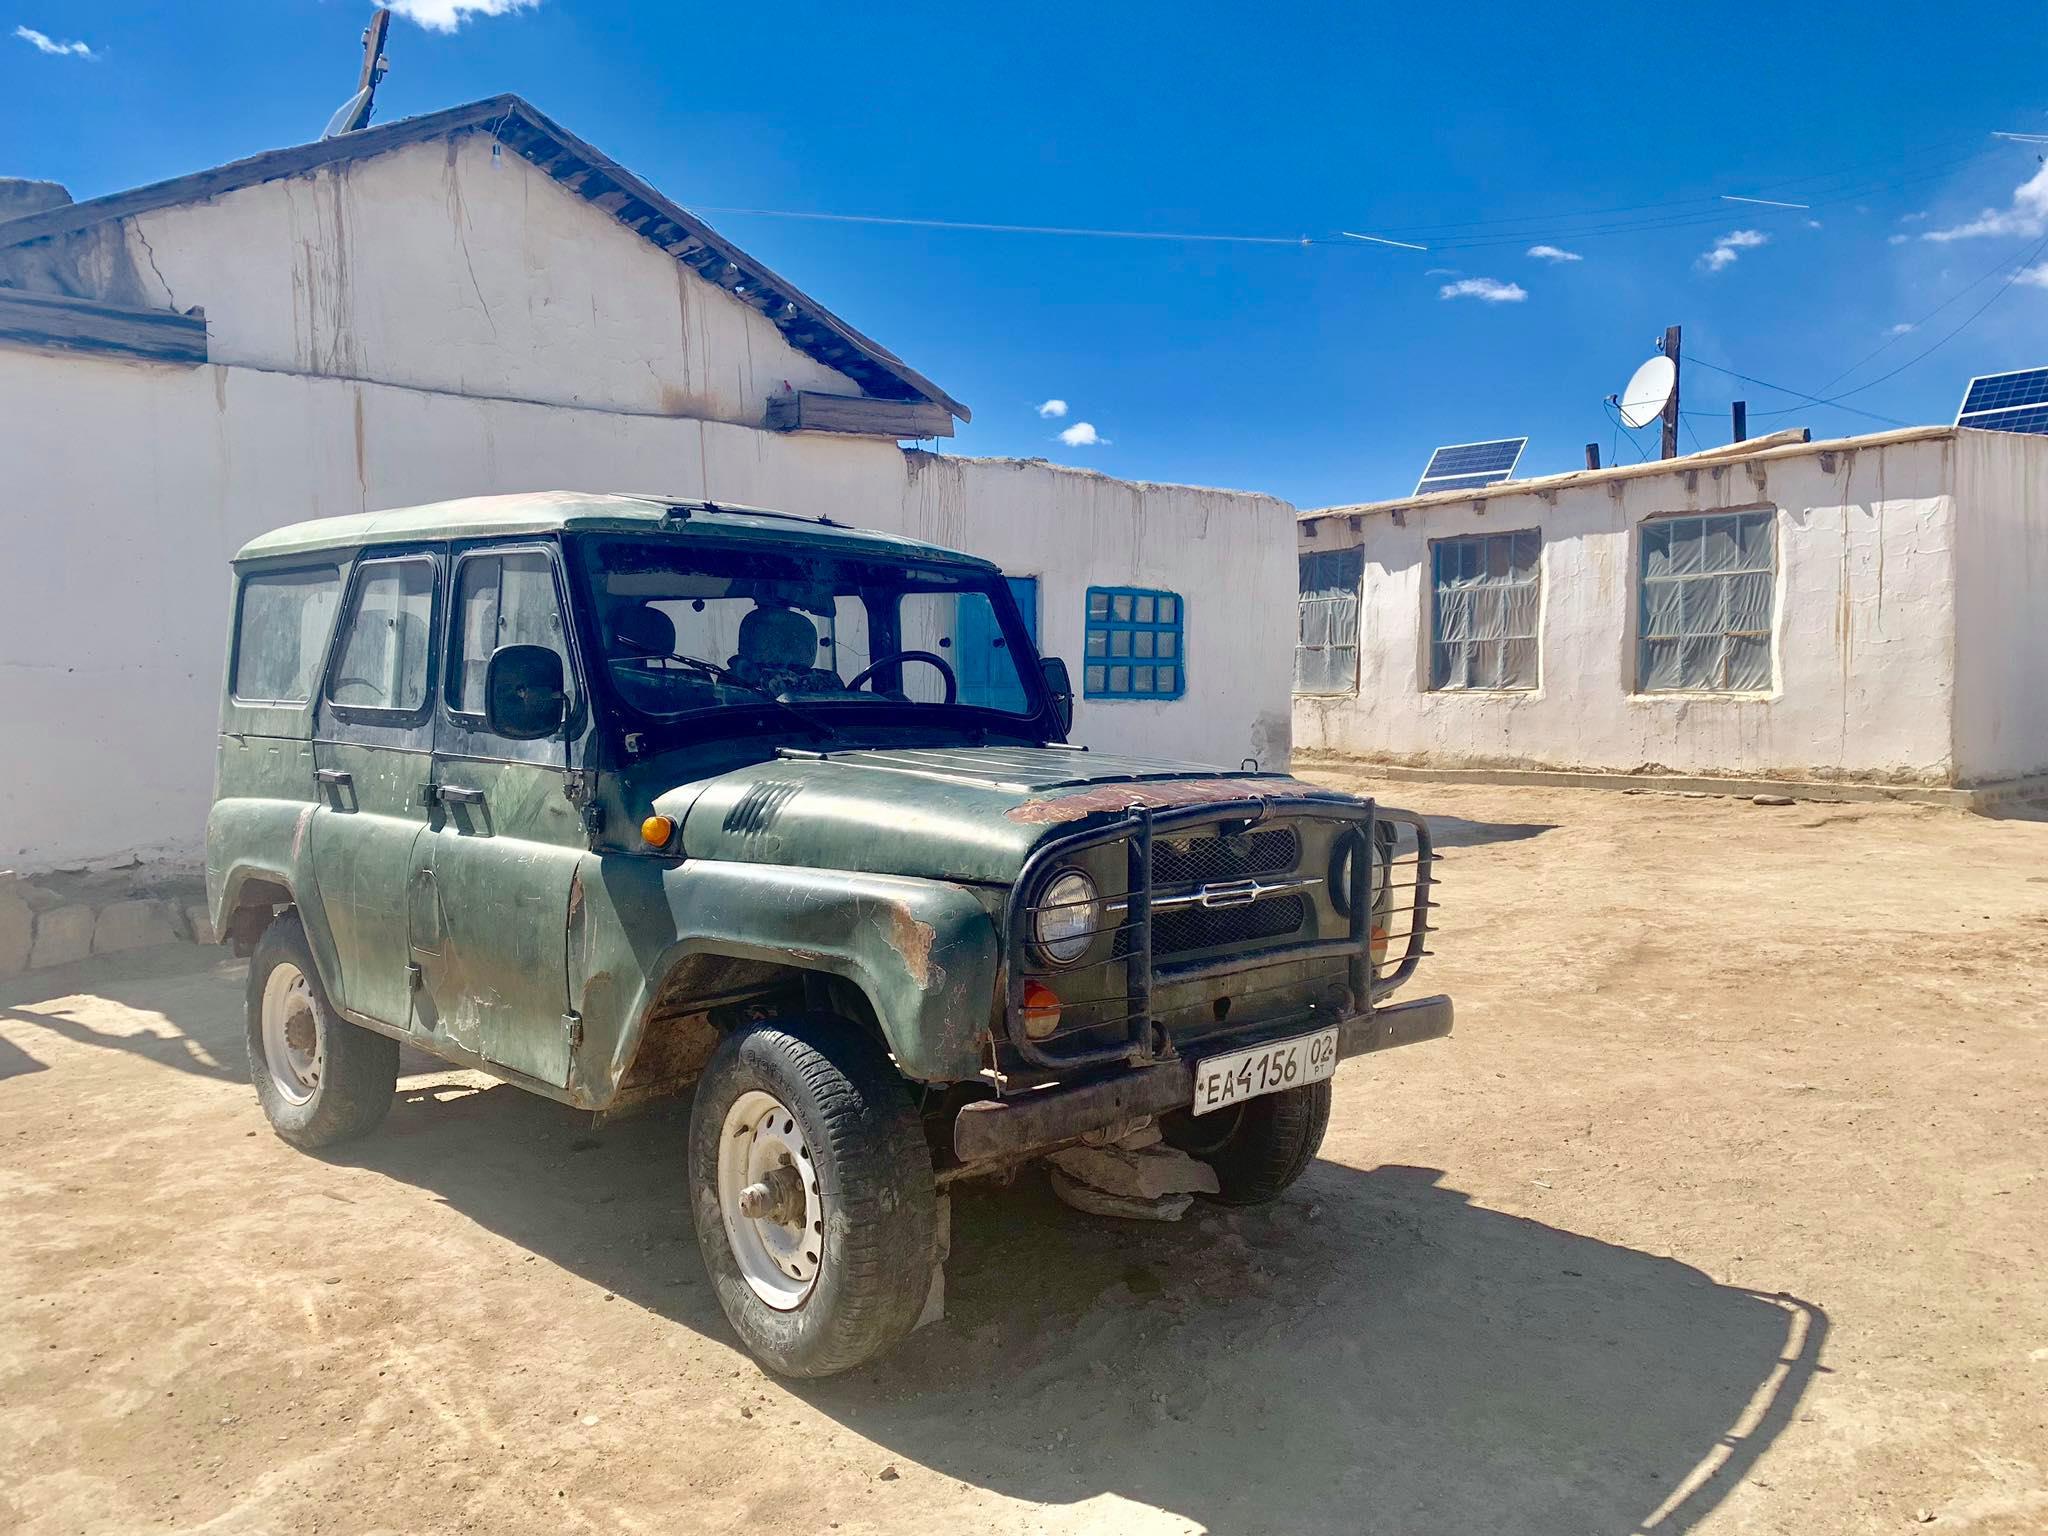 Kach Solo Travels in 2019 Homestay at Bulunkul Village16.jpg